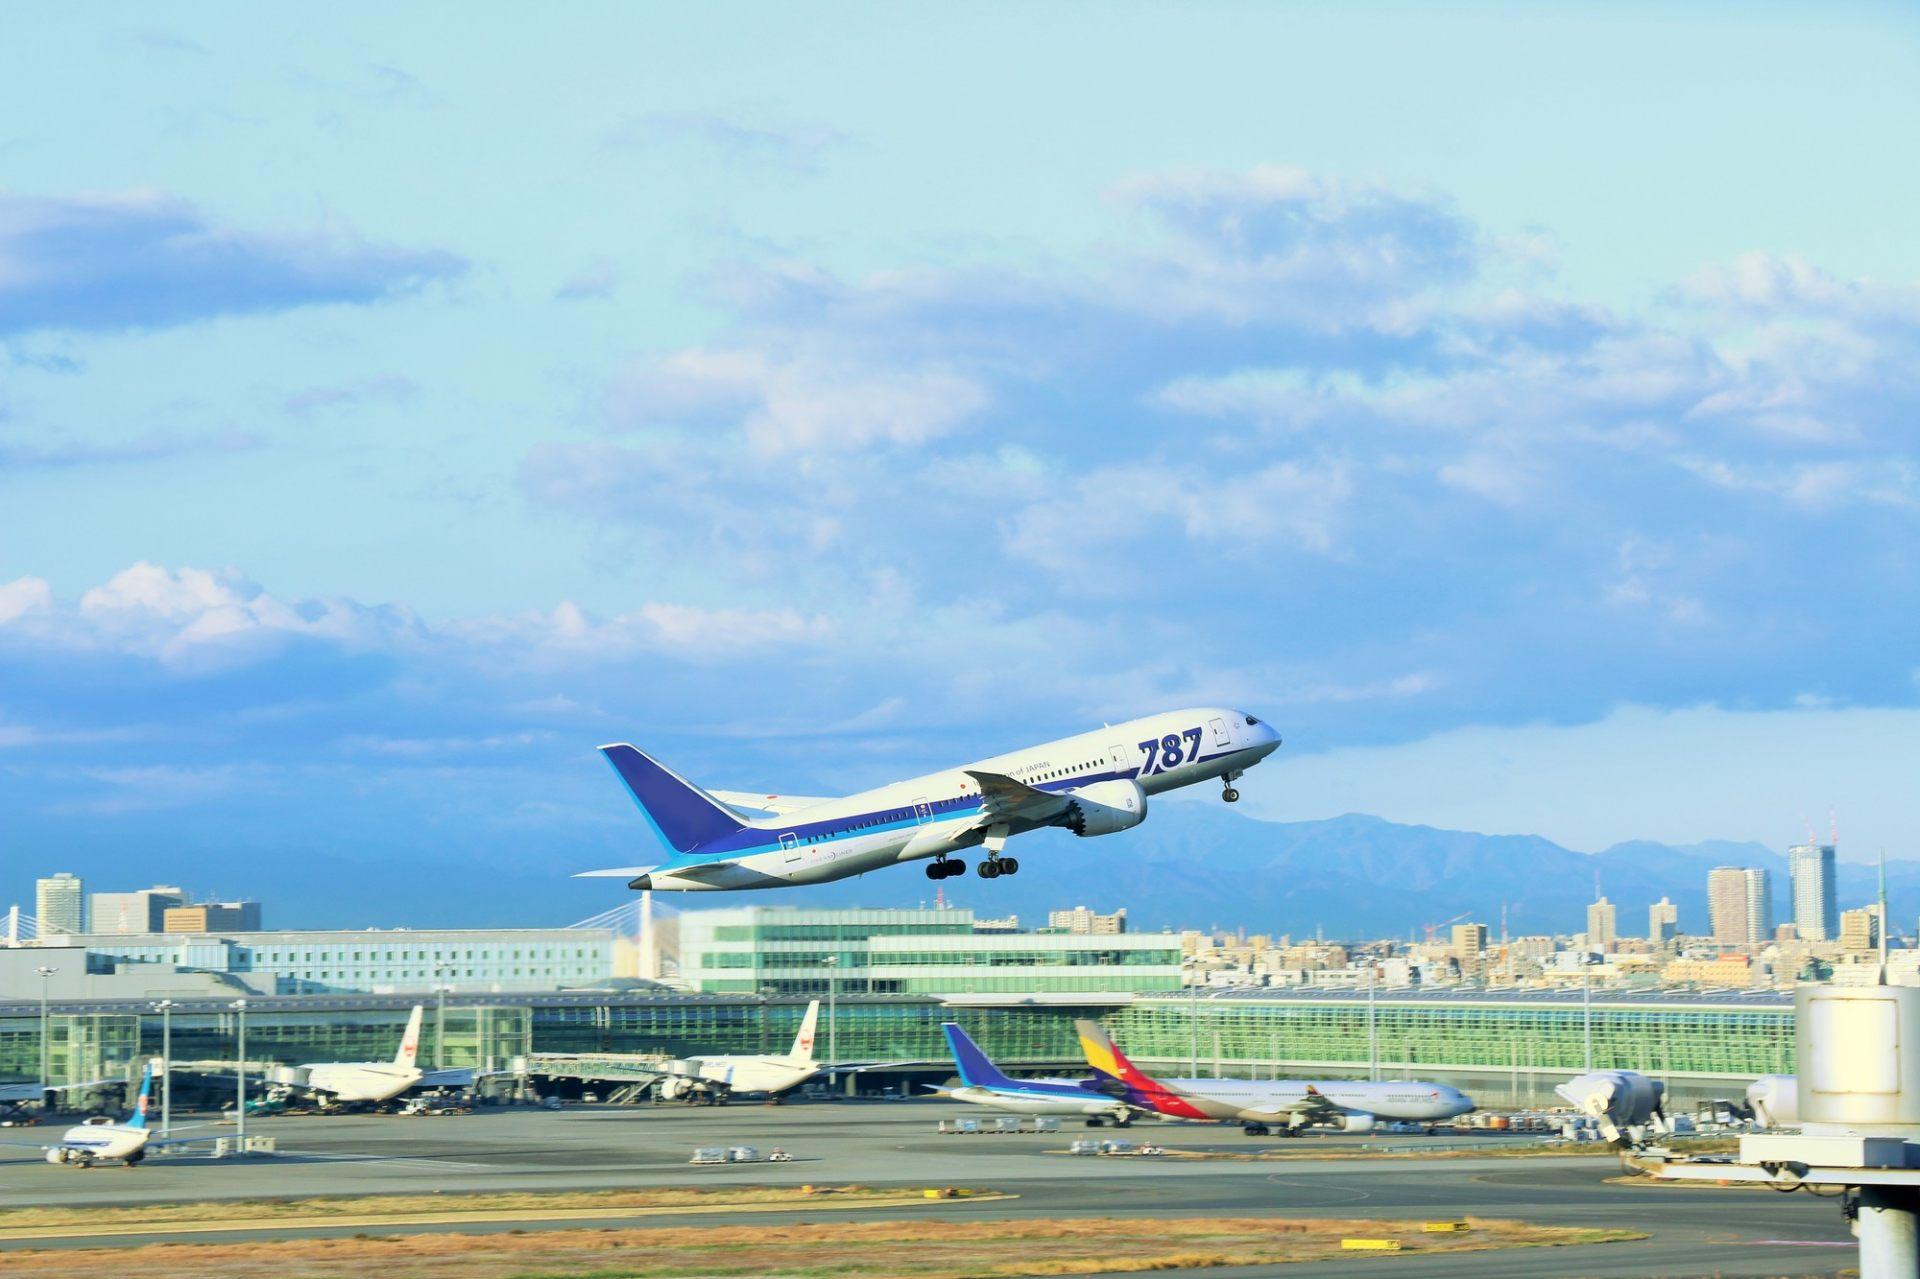 Haneda Airport not far from metropolitan Tokyo